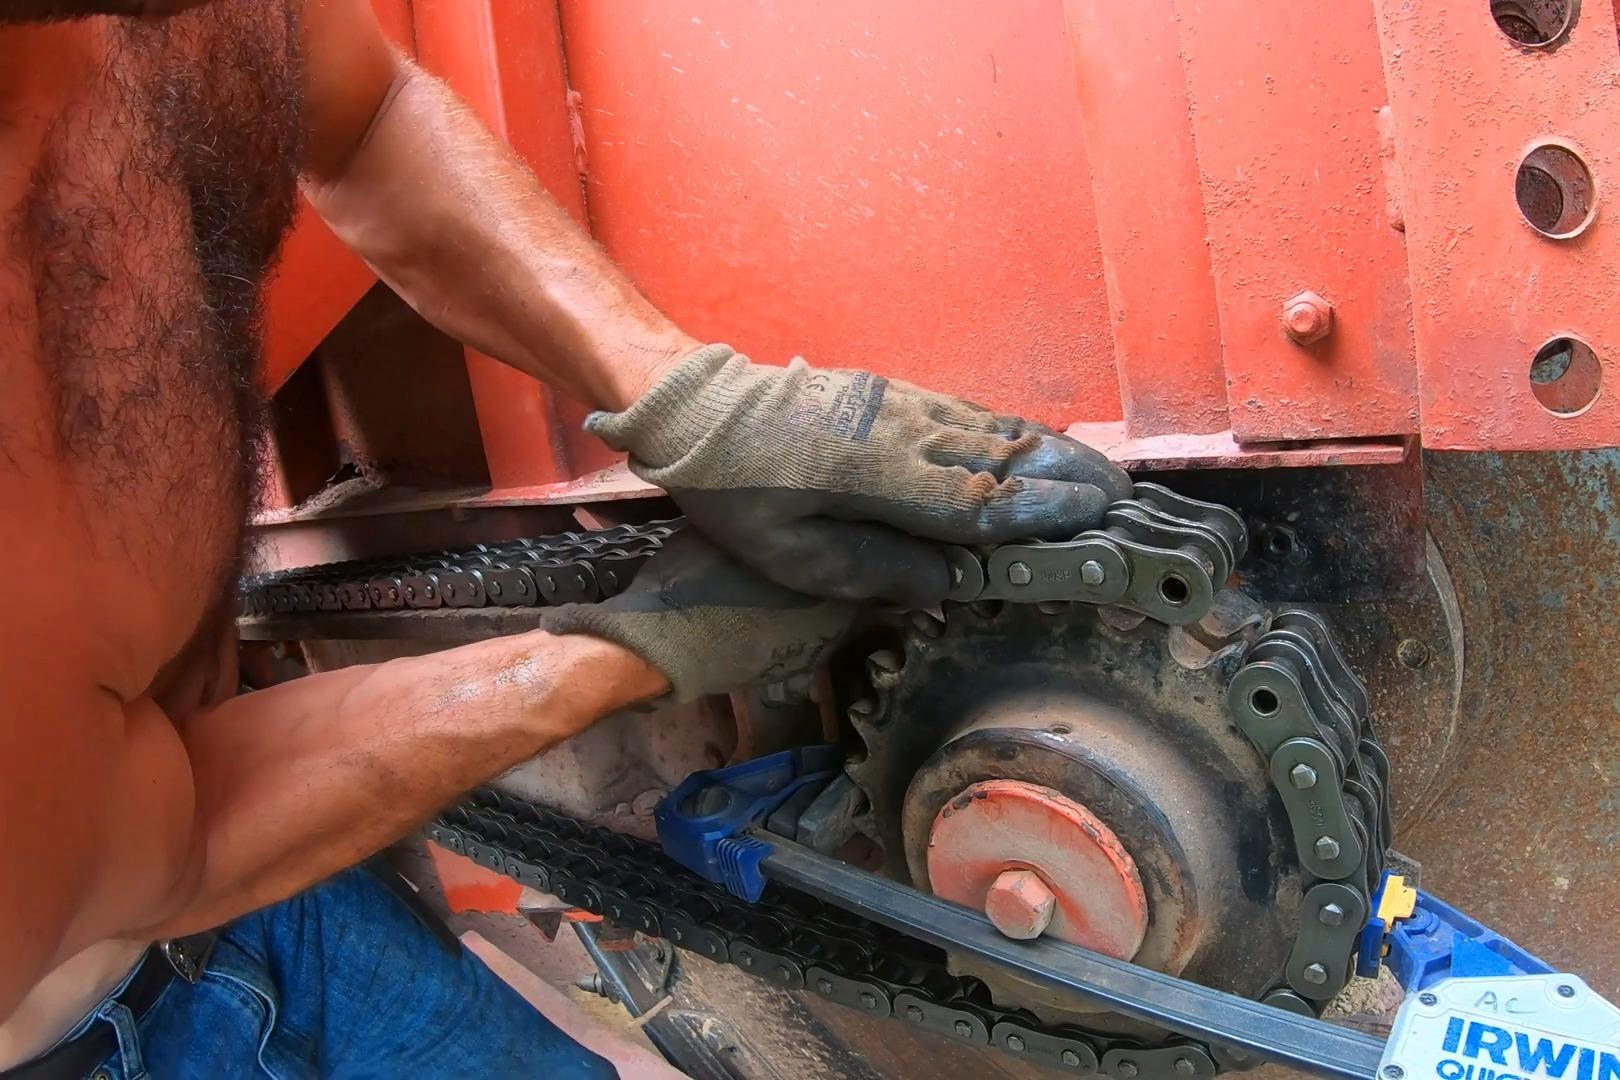 挖沟机的链条,是普通链条的好几倍,难怪能带动那么大的齿轮挖沟